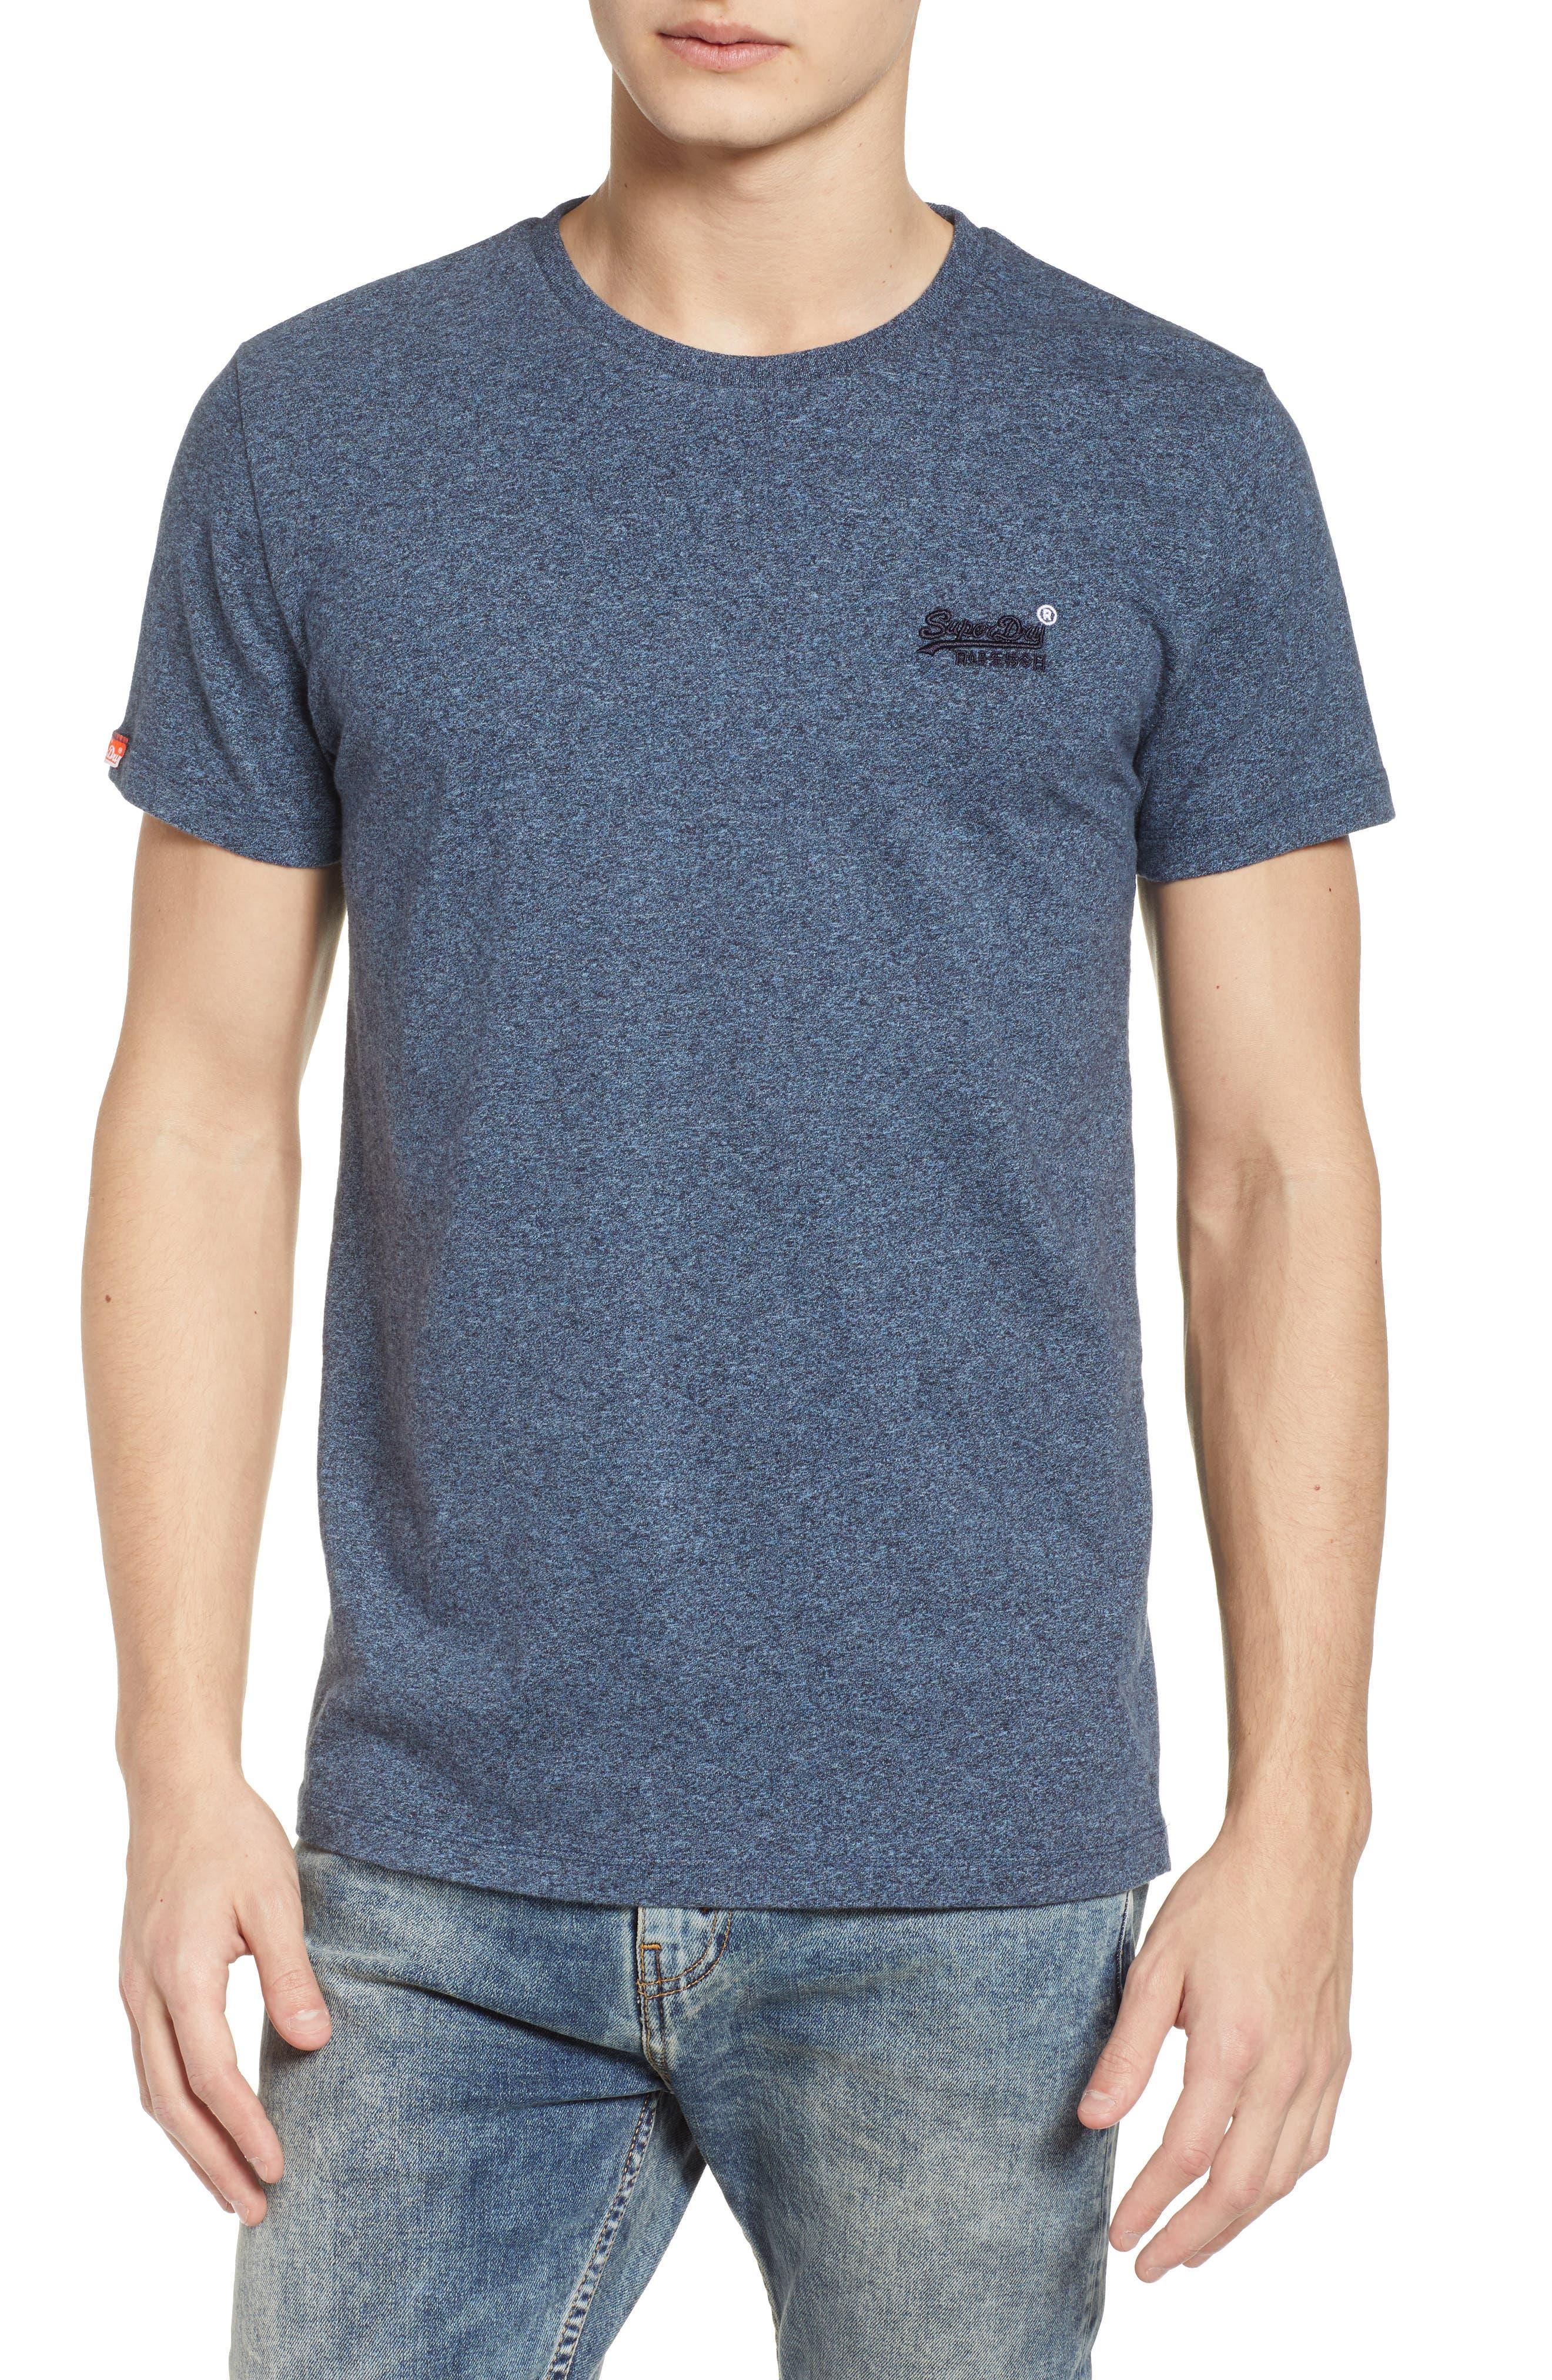 Alternate Image 1 Selected - Superdry Orange Label Vintage T-Shirt